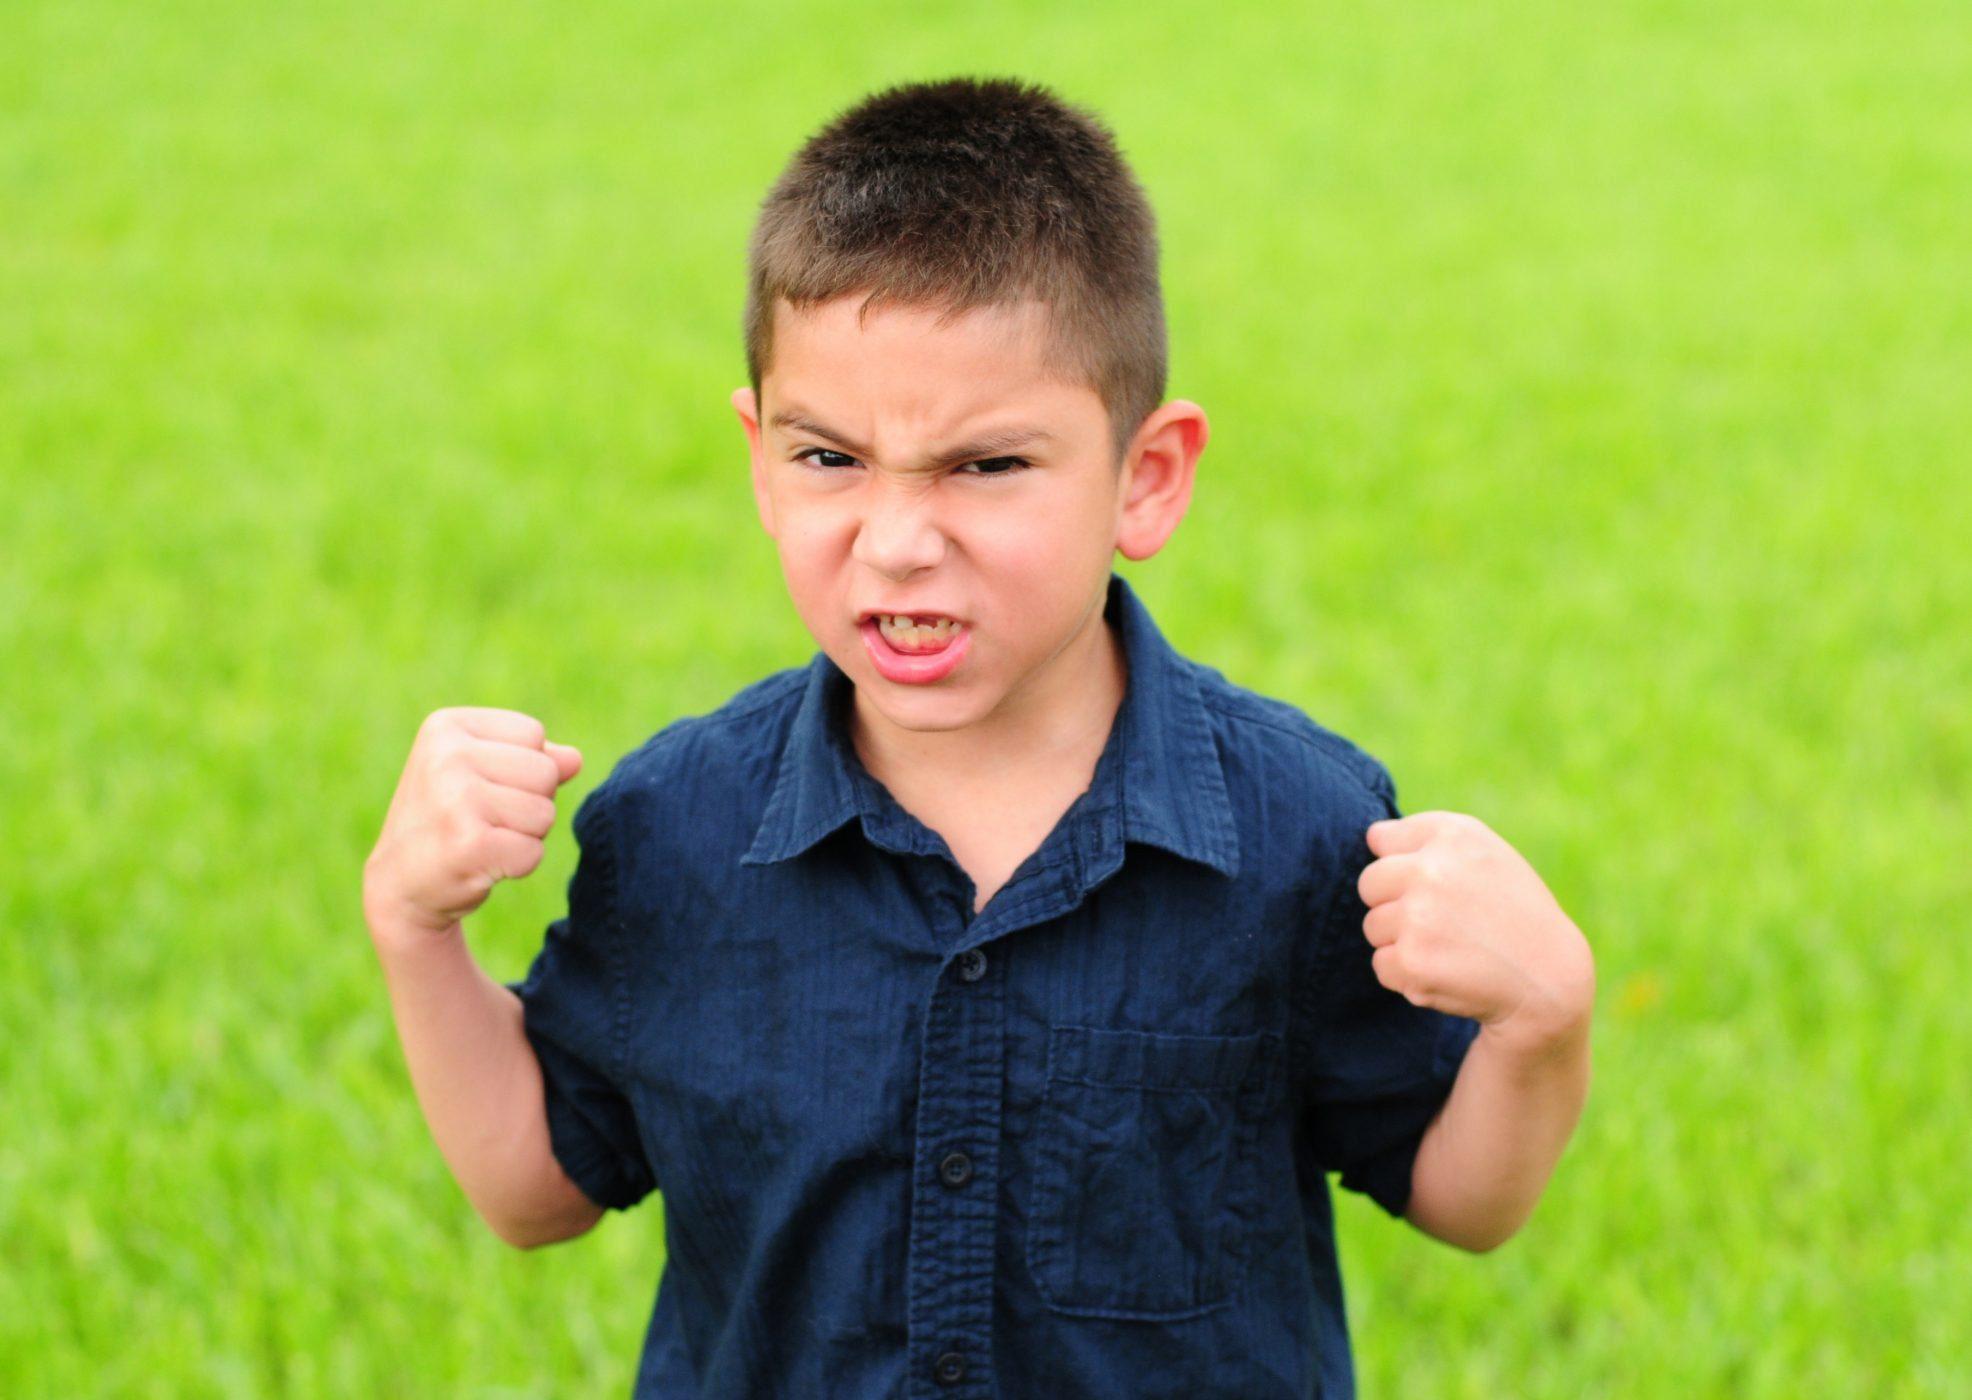 kind 7 jaar Hoe kan ik omgaan met de woedeaanvallen van mijn kind van 7, 8 of  kind 7 jaar